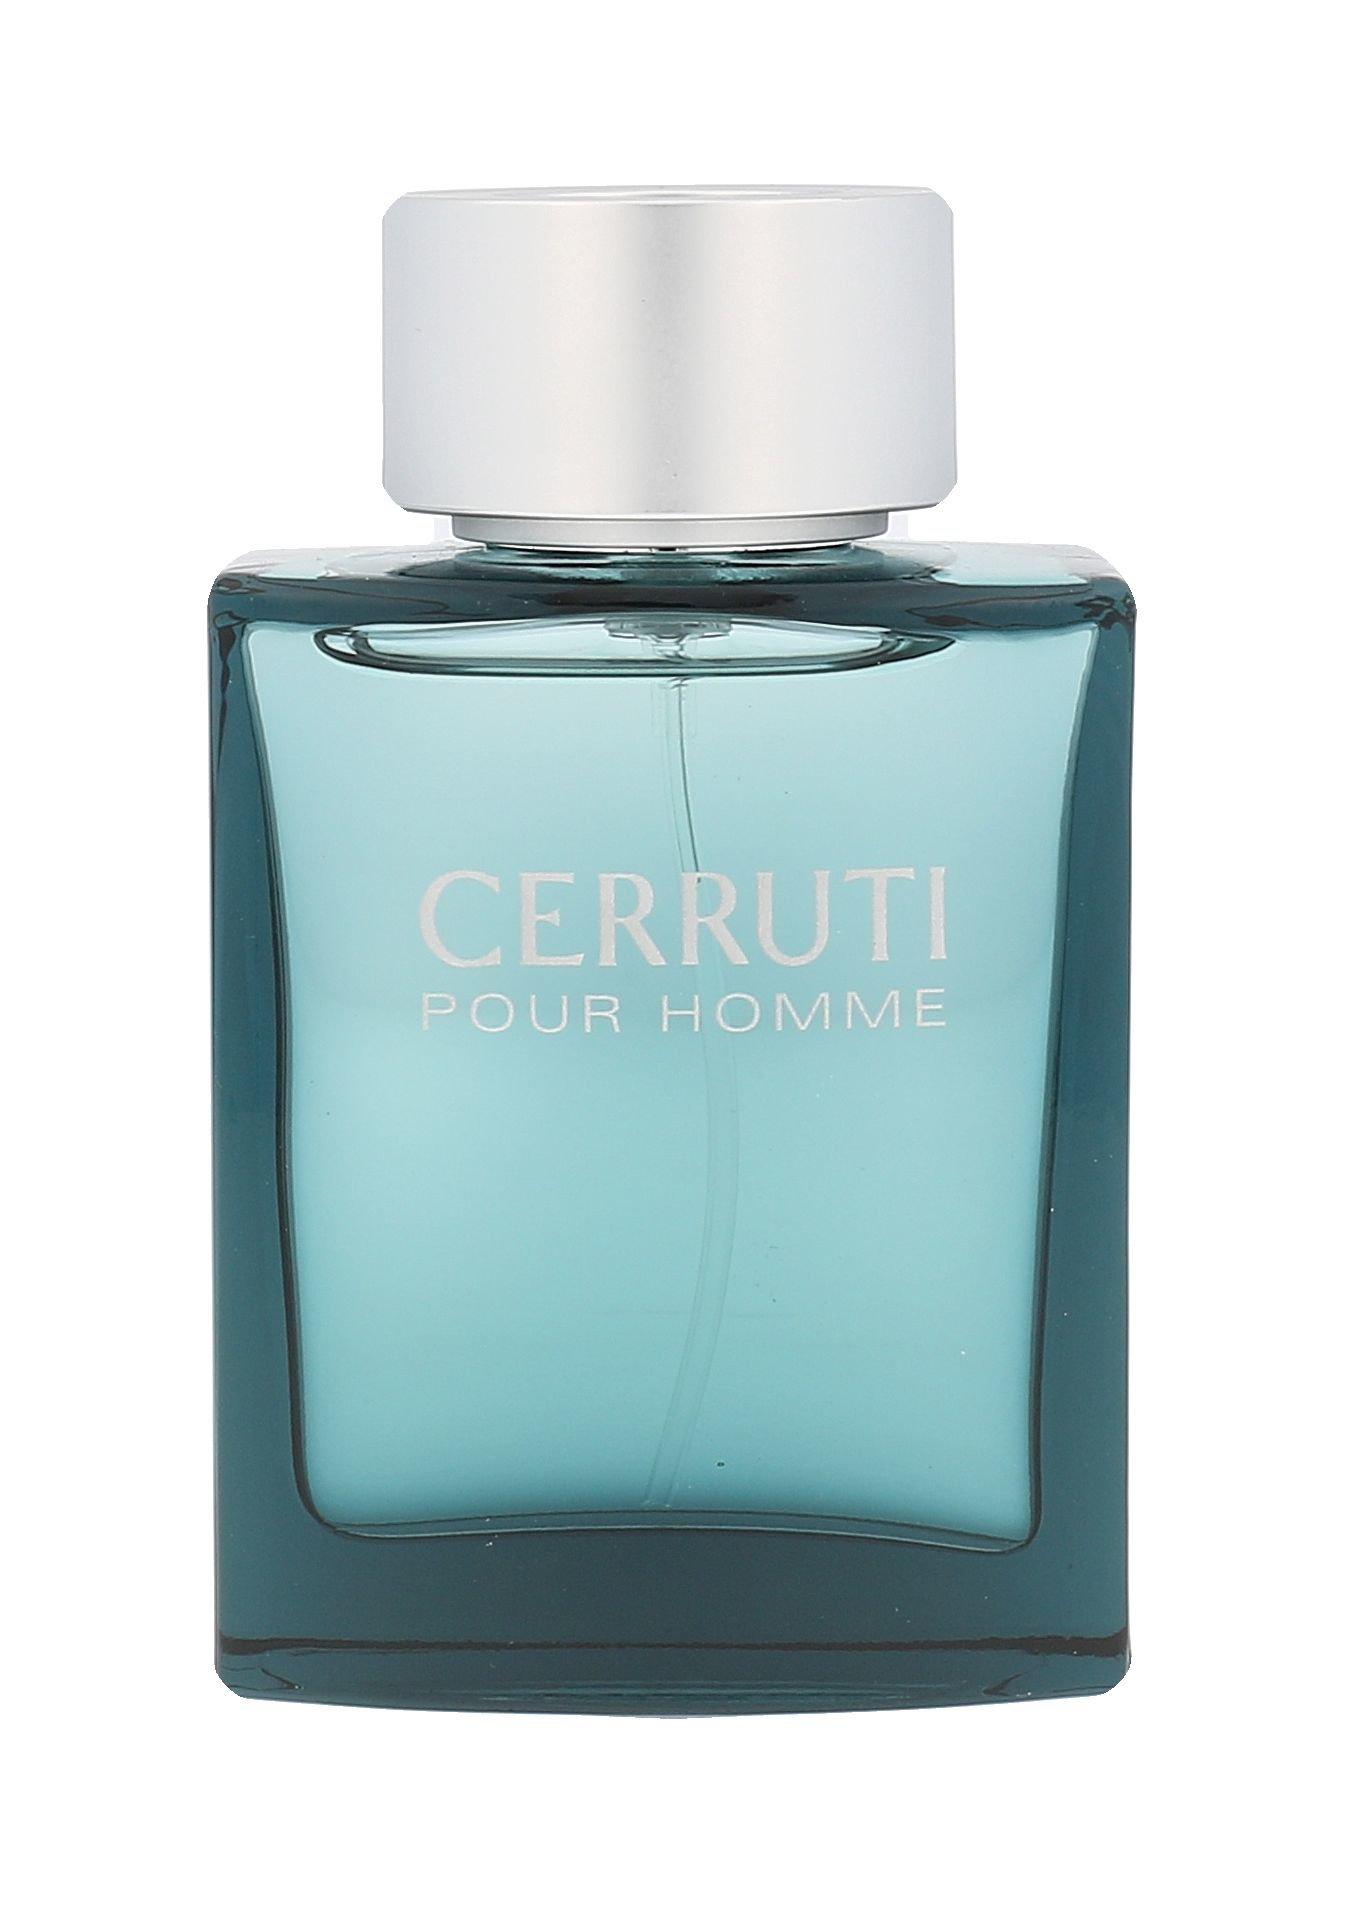 Nino Cerruti Pour Homme EDT 50ml